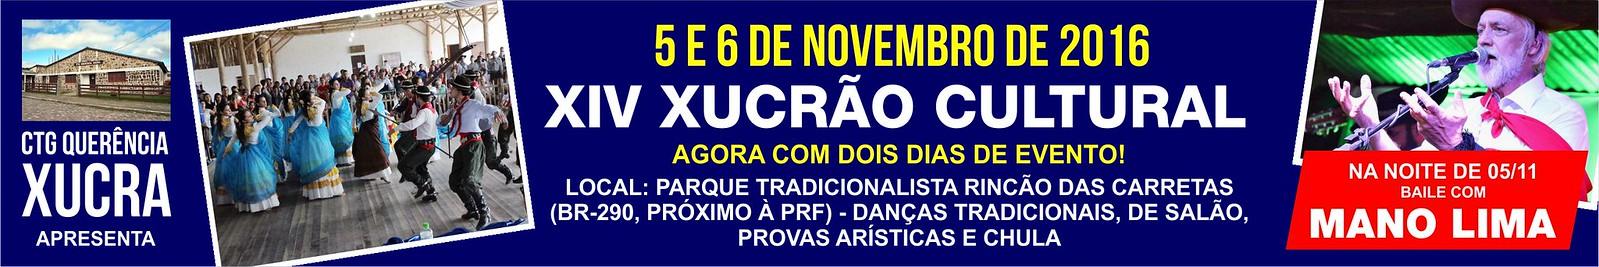 Anúncio XIV Xucrão Cultural